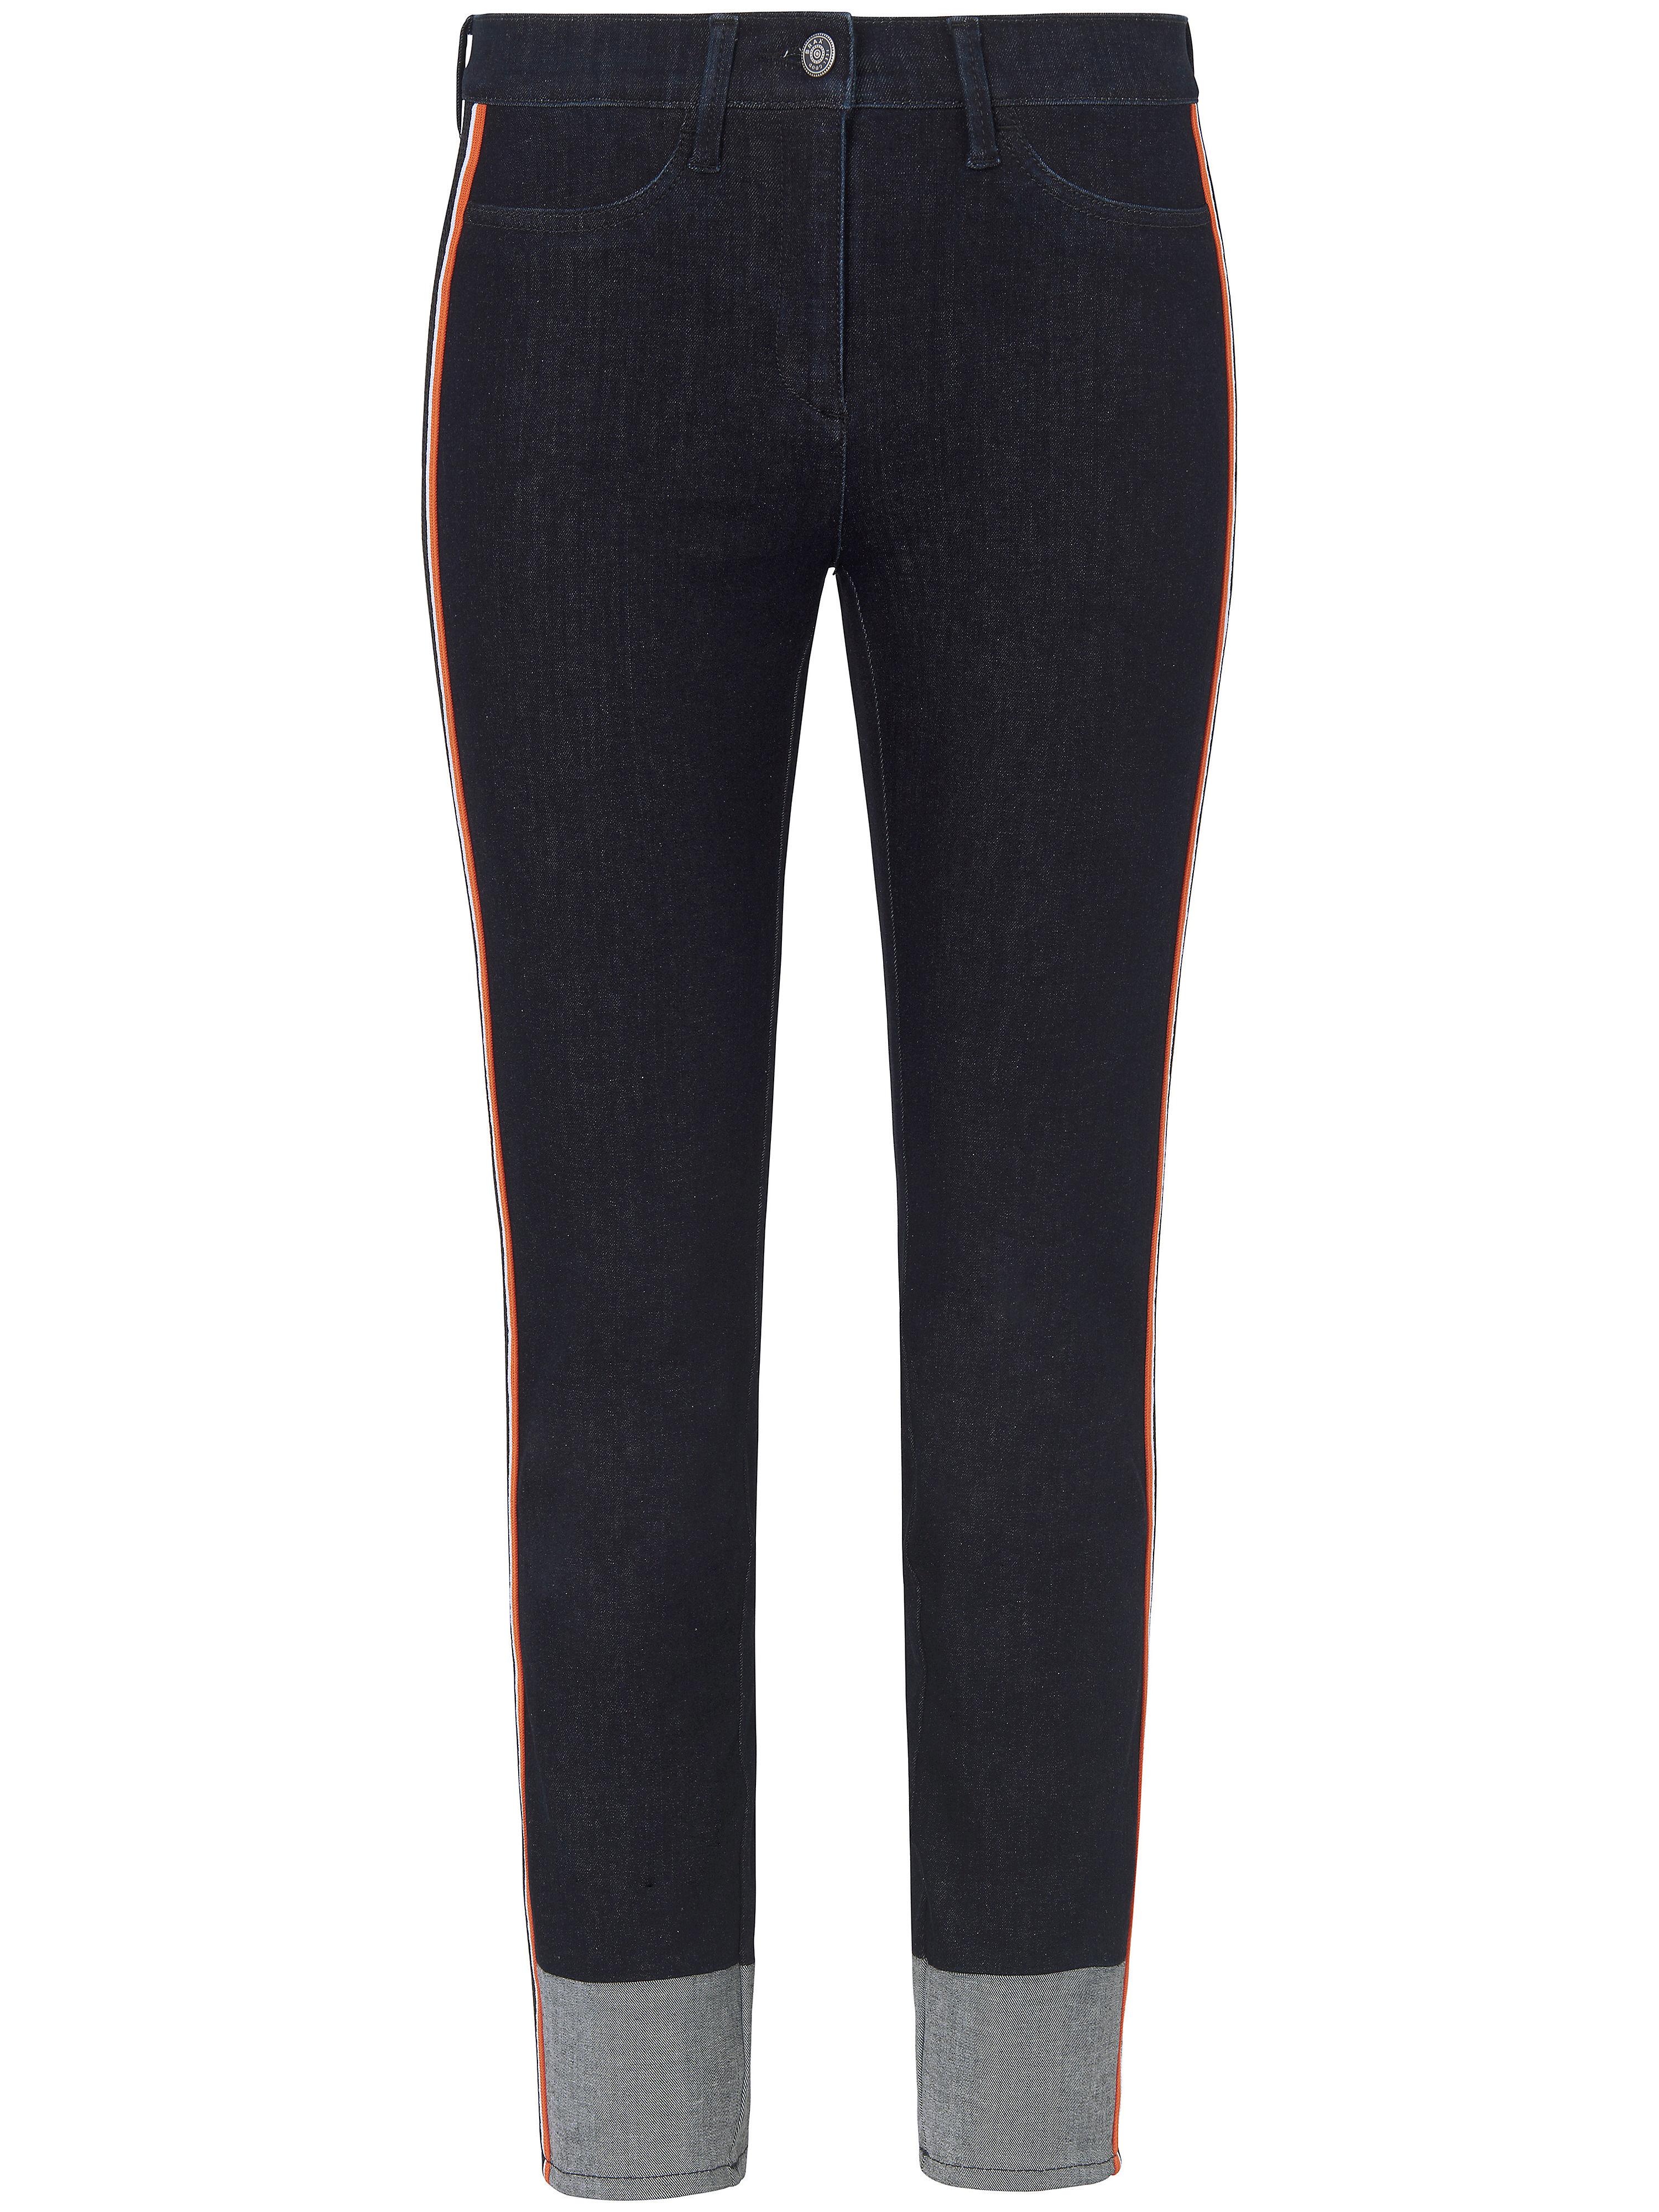 Image of   7/8 Jeans Fra Brax Feel Good denim